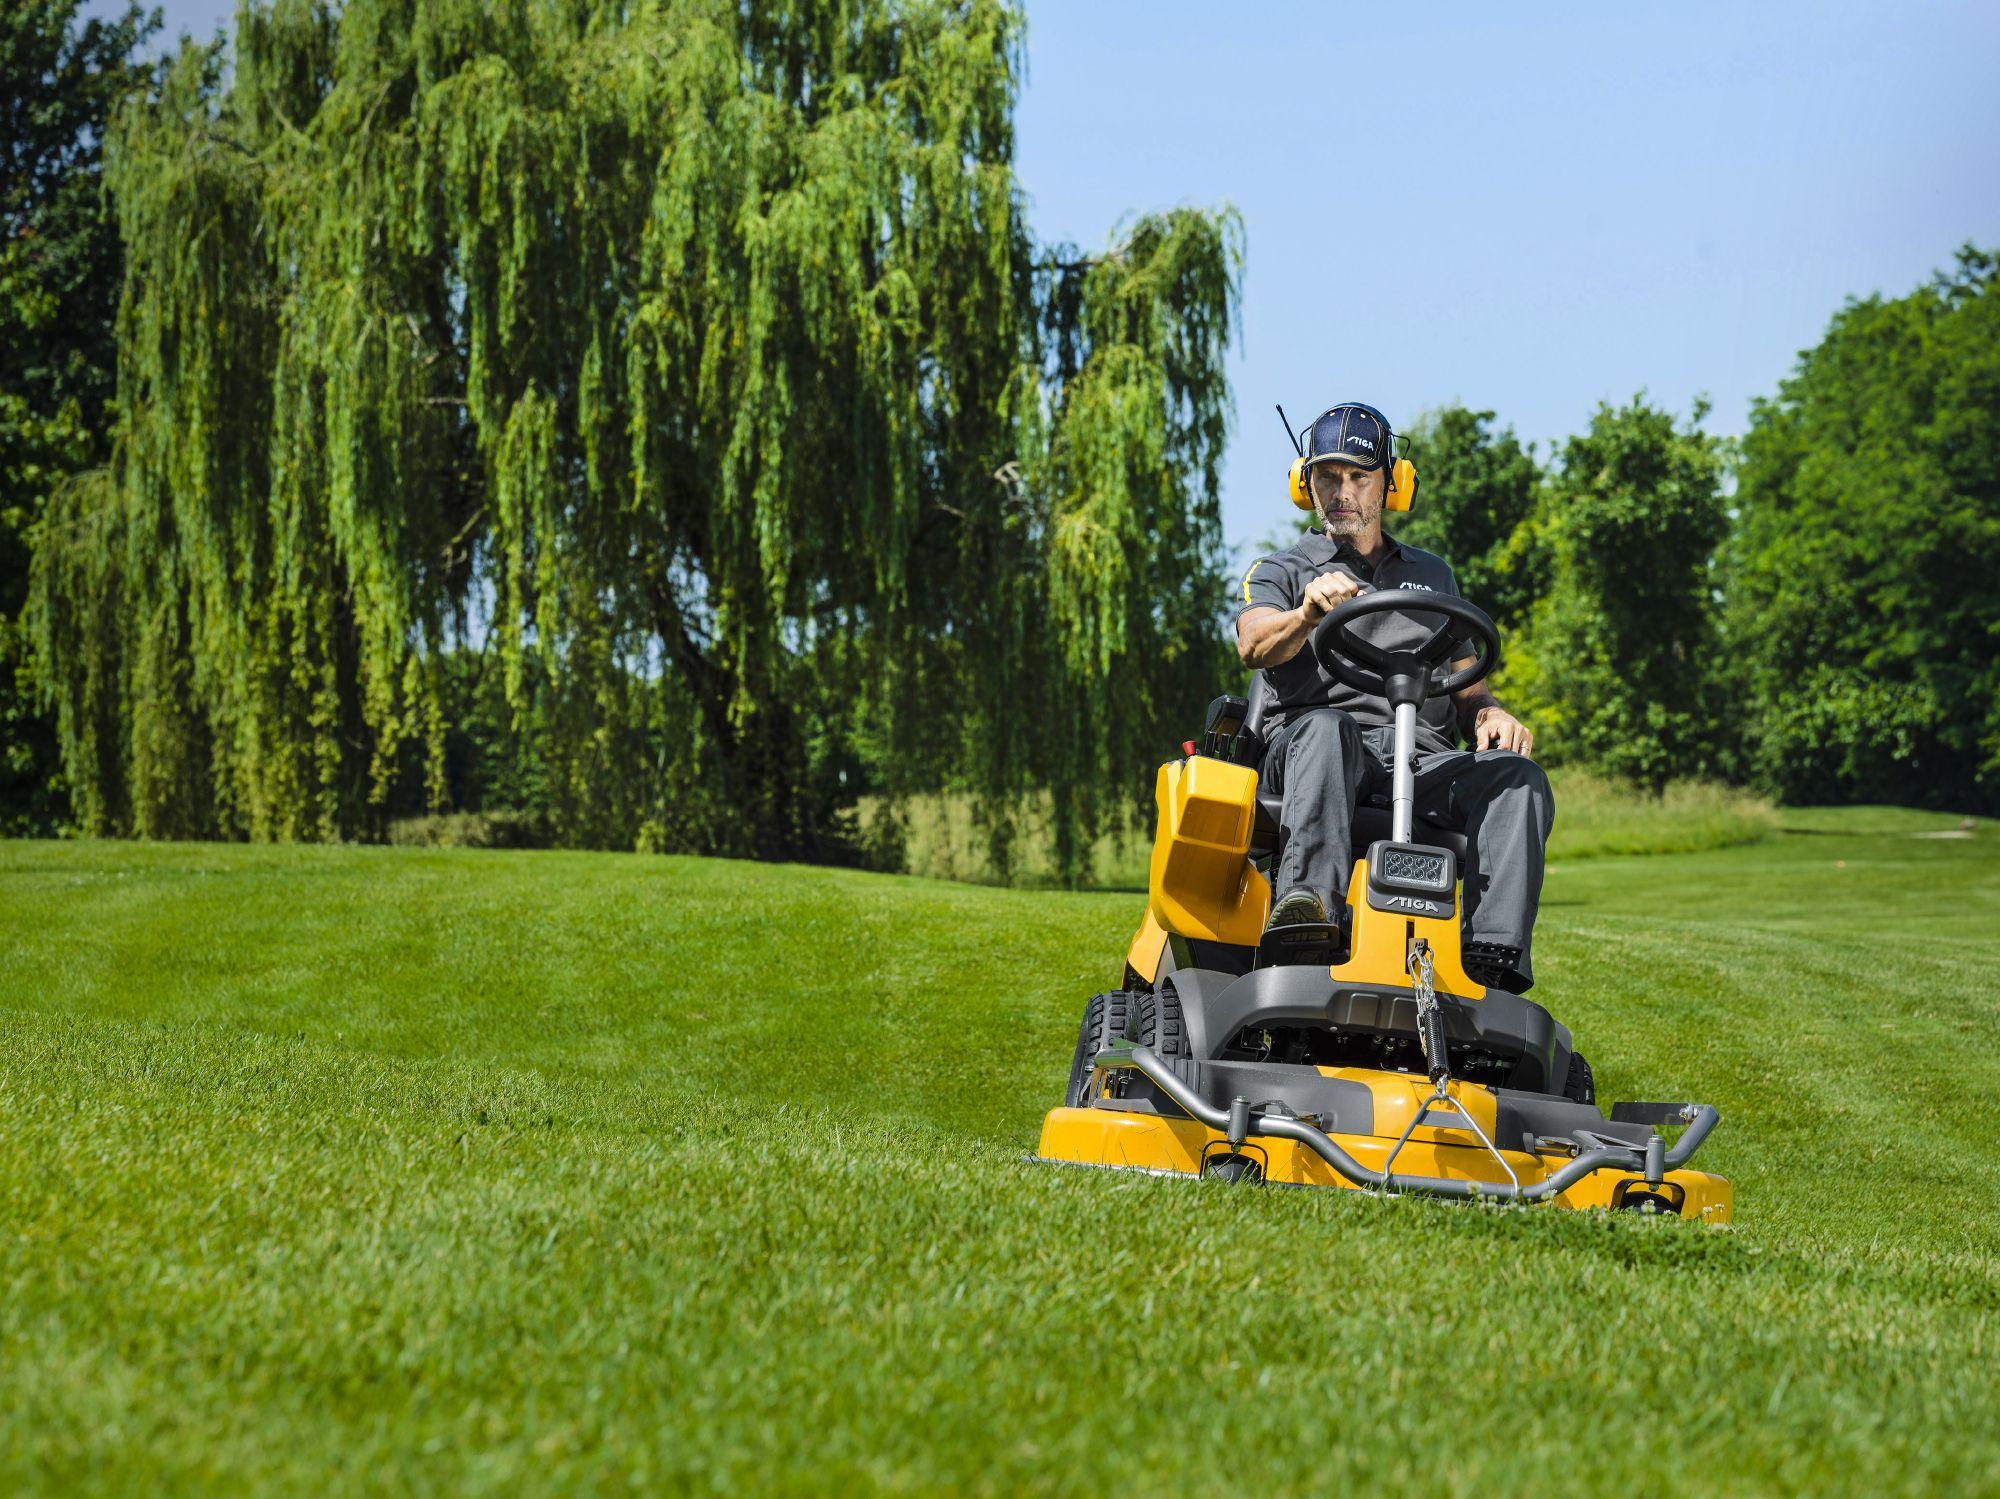 Macchine per il gardening